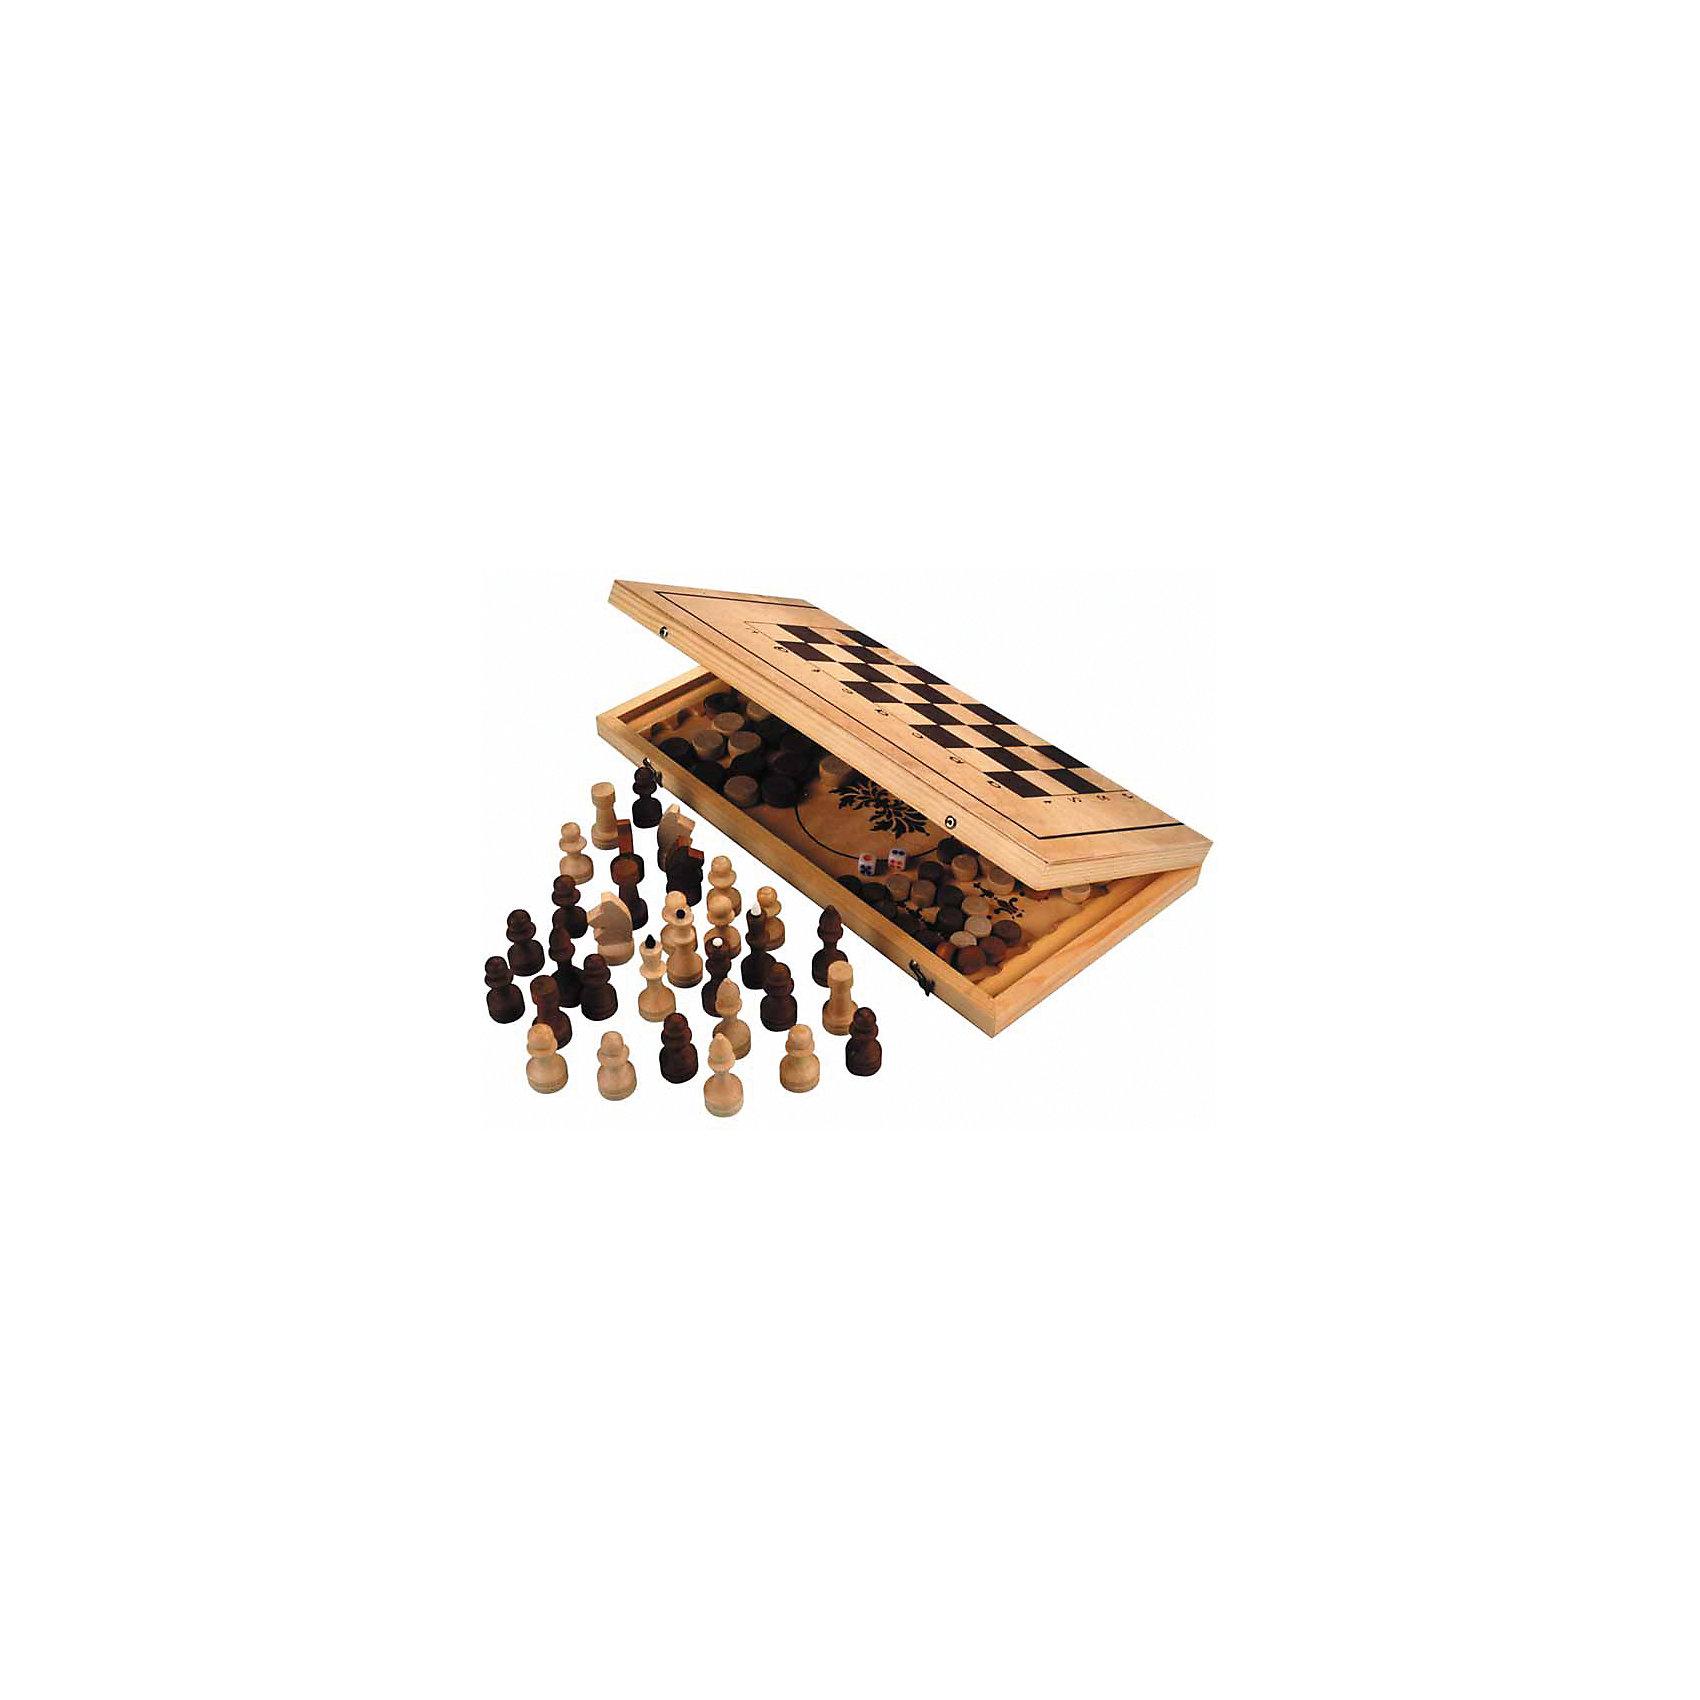 Игра 3 в 1, деревяннаяОсновные характеристики<br><br>Назначение: настольная игра<br>Вид: классическая<br>В наборе: шахматы, нарды, шашки<br>Размер: 29*14,5*3,8см <br>Материал: доска - фанера, сосна; фигуры - береза<br>Страна-производитель: Россия<br>Упаковка: пакет<br><br>Ширина мм: 220<br>Глубина мм: 40<br>Высота мм: 410<br>Вес г: 980<br>Возраст от месяцев: 36<br>Возраст до месяцев: 192<br>Пол: Унисекс<br>Возраст: Детский<br>SKU: 5056604